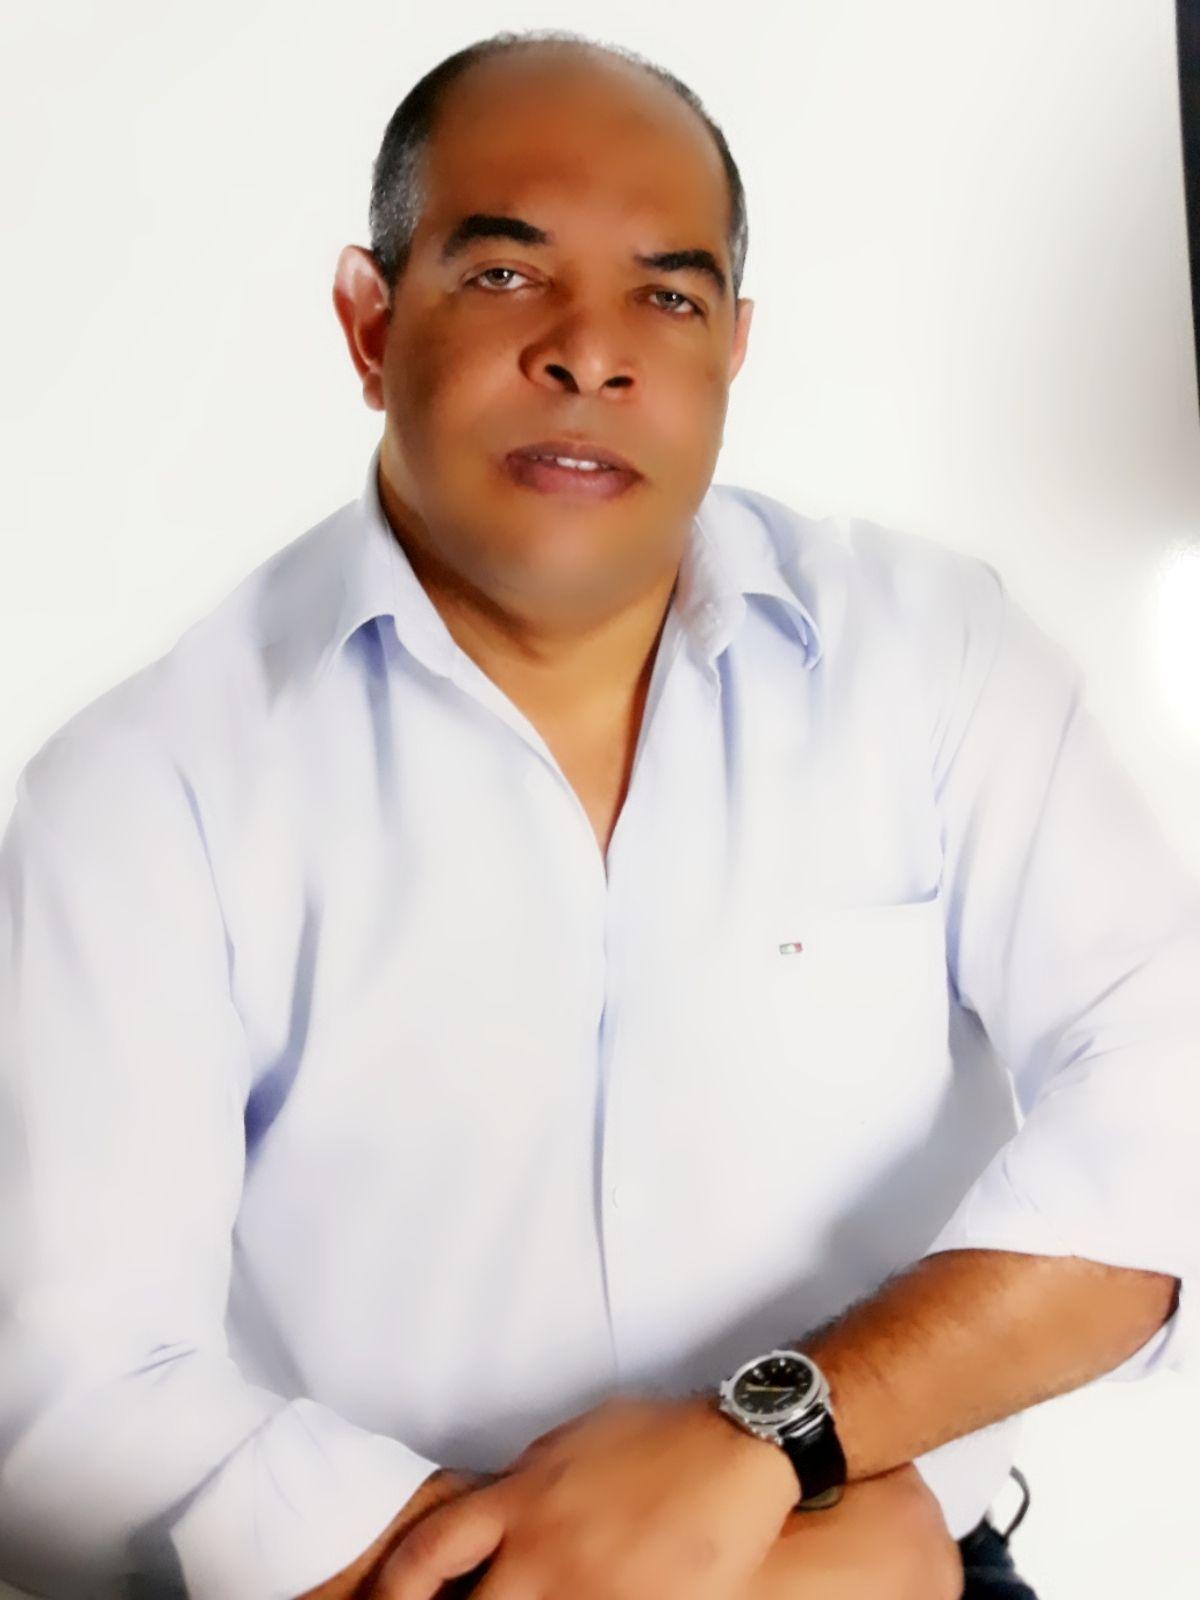 Pedro José Nolasco Sobrinho